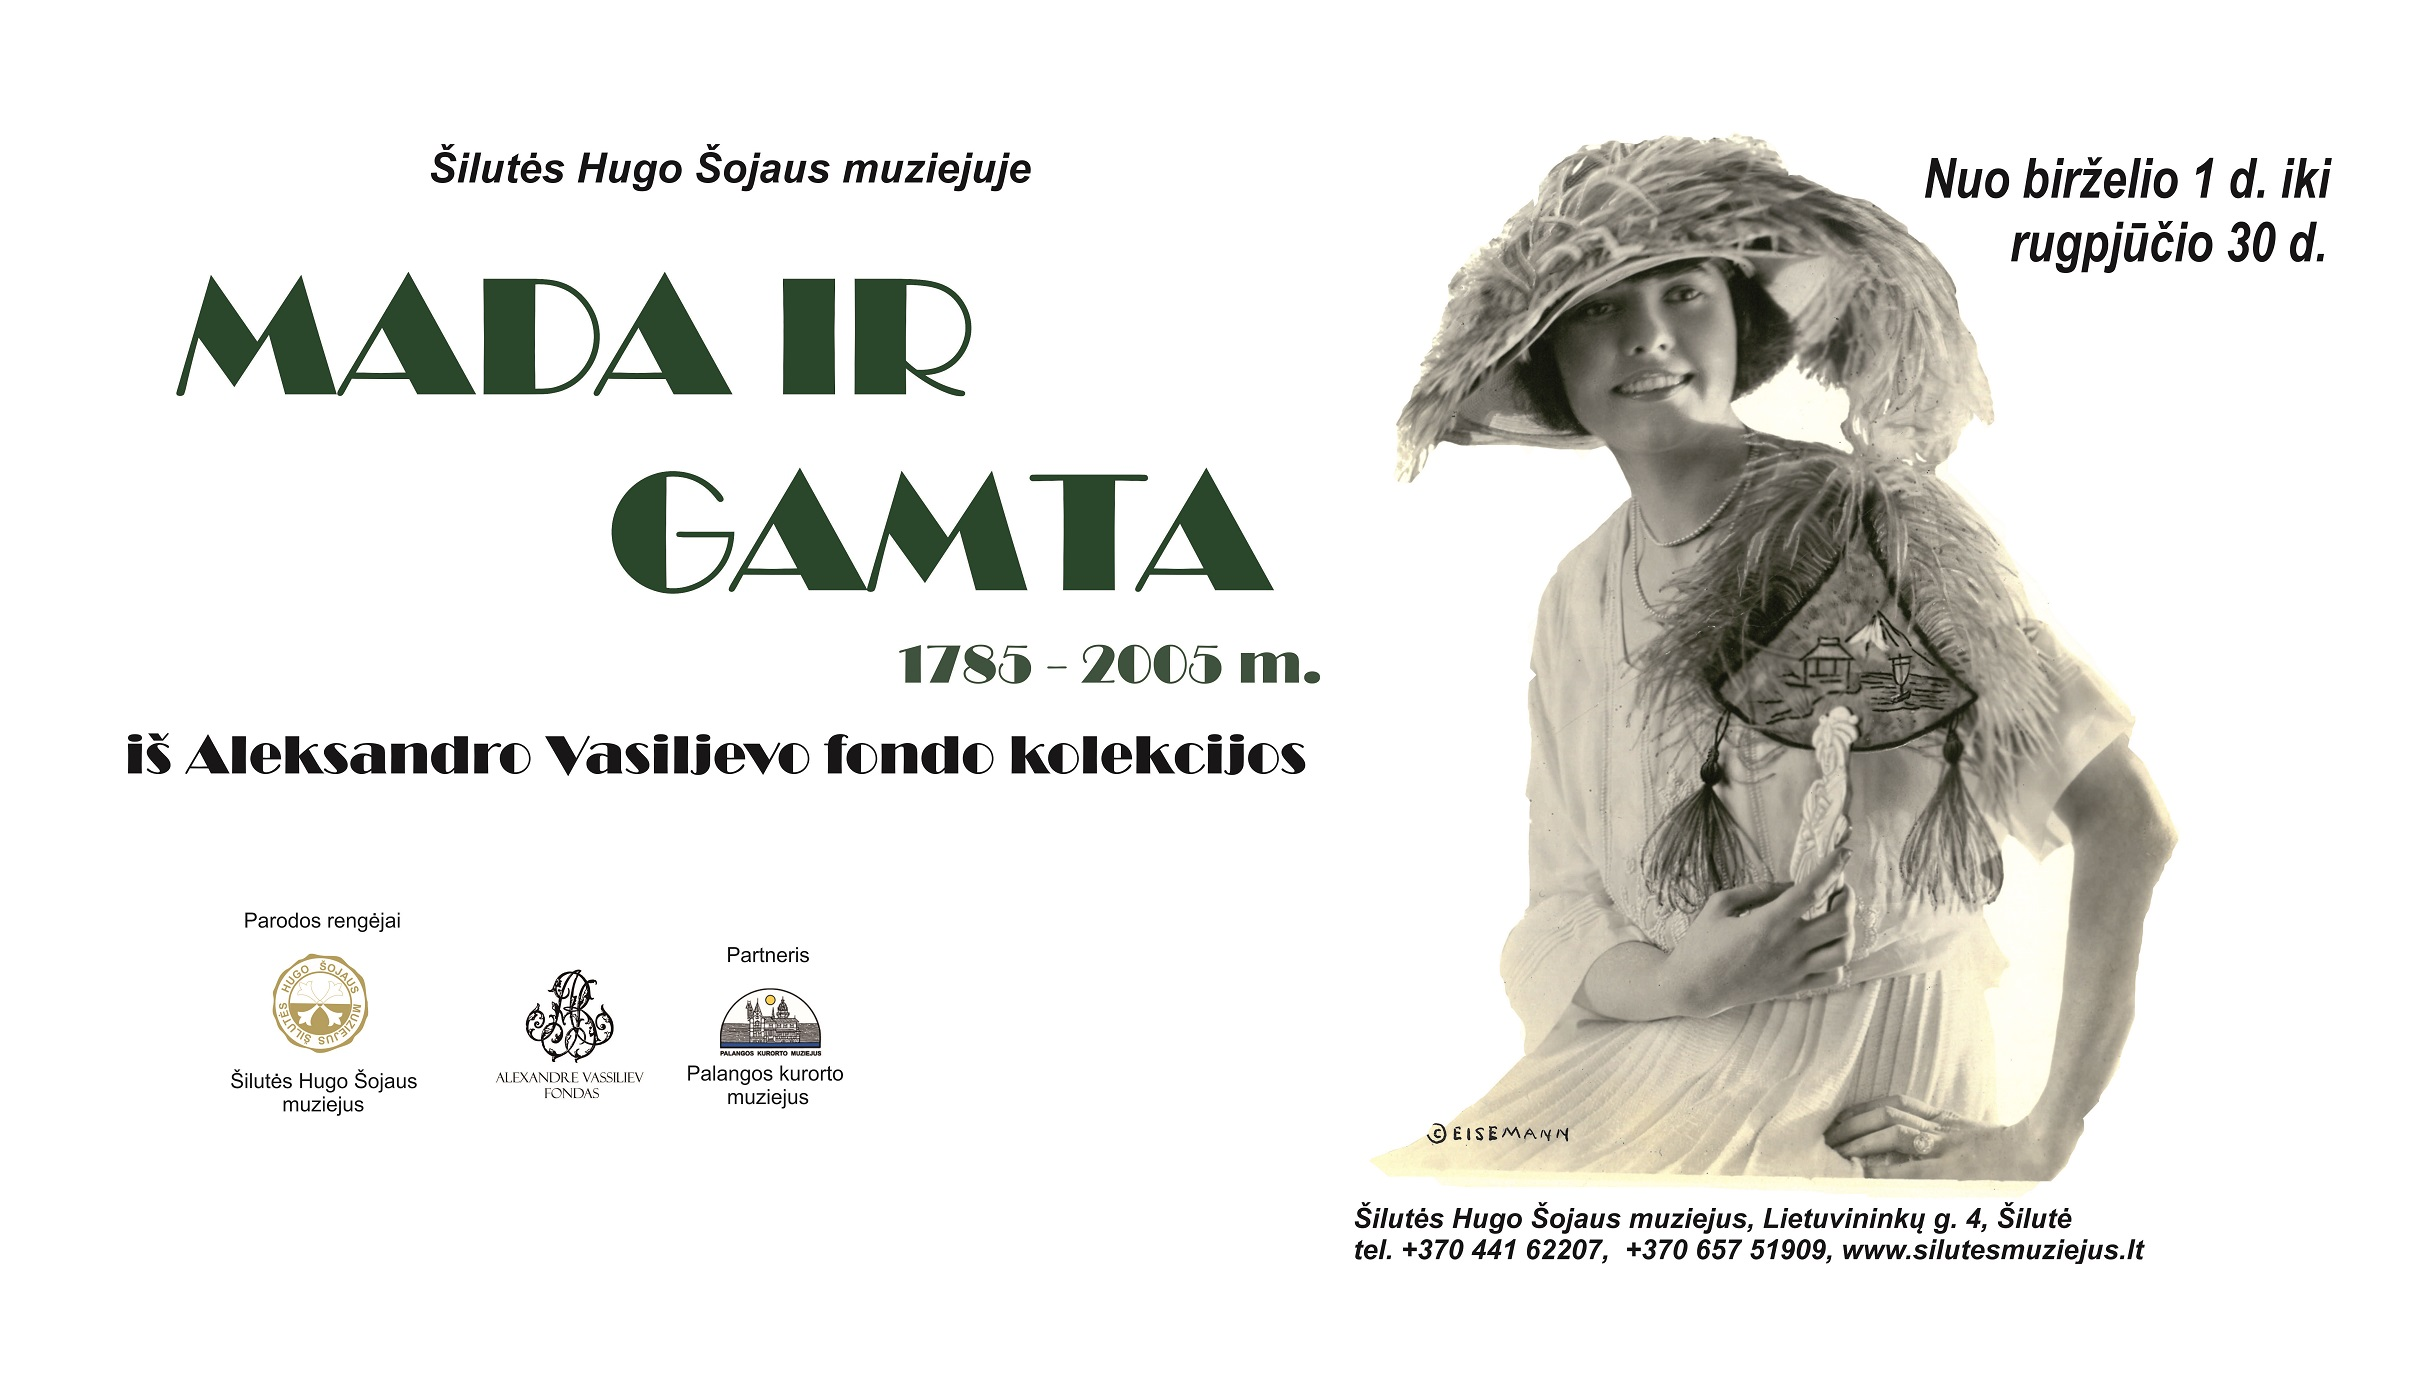 """Šilutės Hugo Šojaus muziejuje atidaroma paroda iš Aleksandro Vasiljevo fondo kolekcijos """"Mada ir gamta 1785–2005 m.""""."""